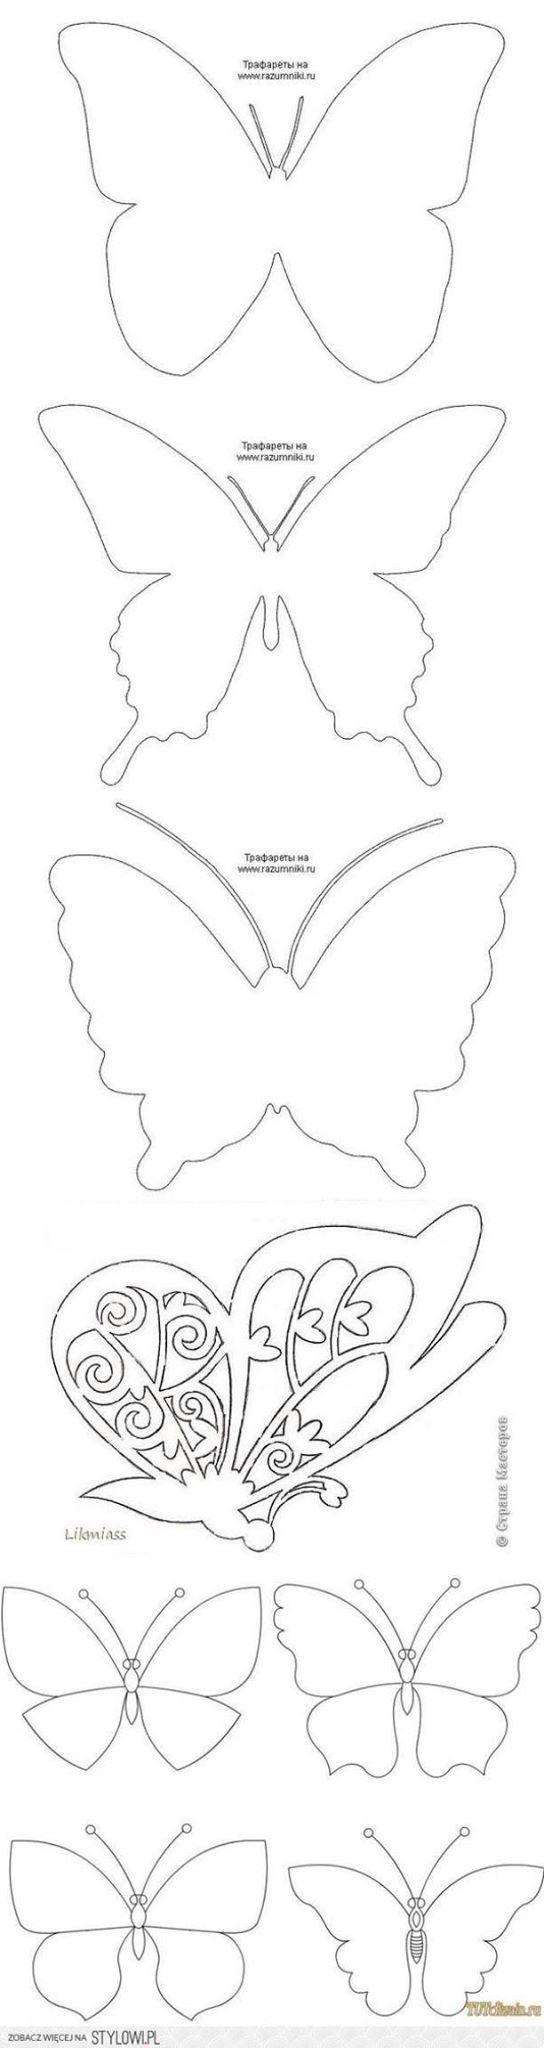 Mariposas | Páginas Para Colorear | Pinterest | Mariposas, Molde y Papel